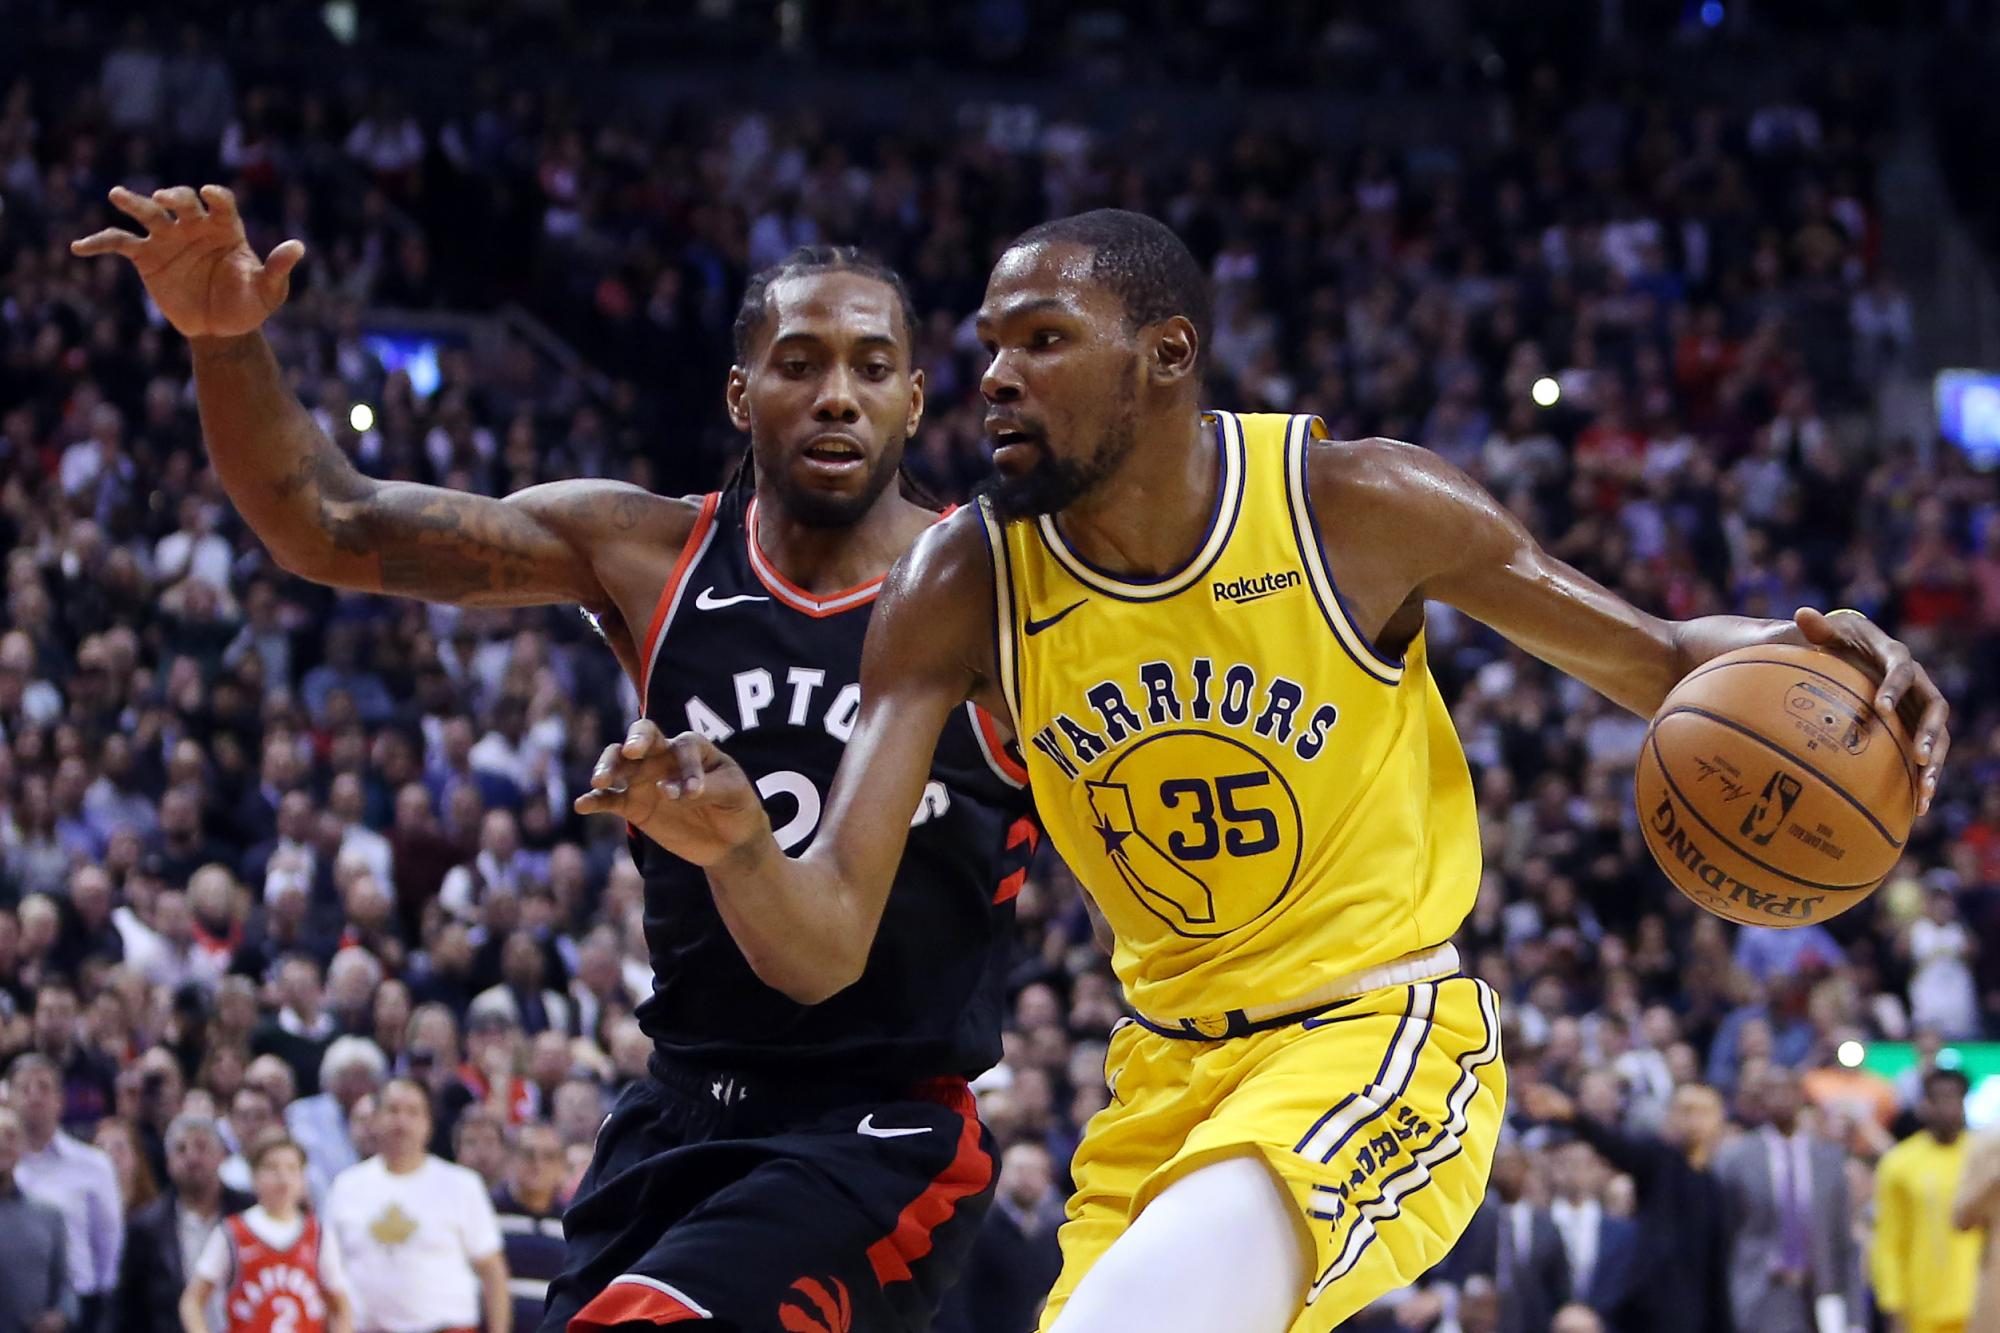 Đâu là 5 lý do để Toronto Raptors hoàn tất cú lật kèo lịch sử tại NBA Finals 2019?